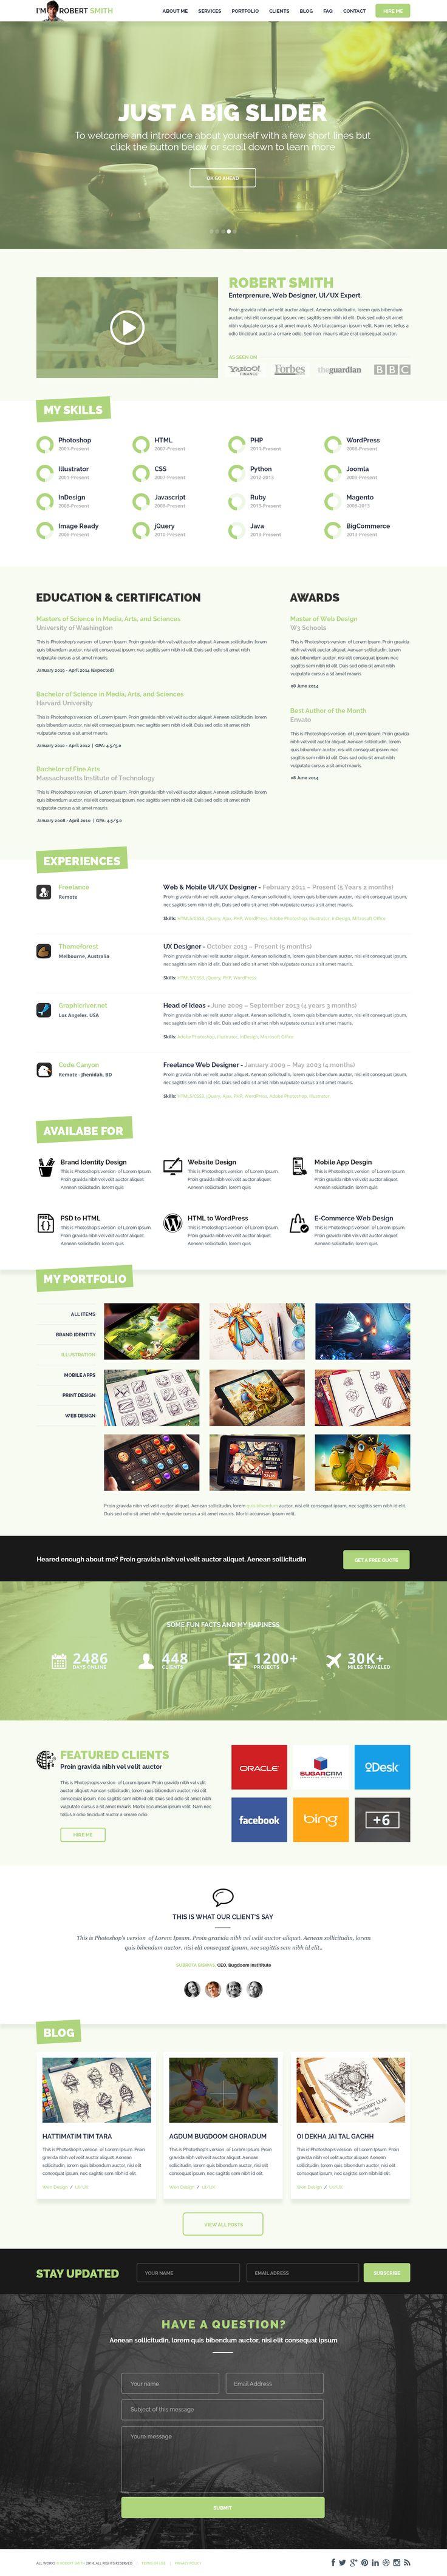 Free Resume Builder Websites Best Free Resume Builder Sites Free Resume  Building Sites Best Resume Example